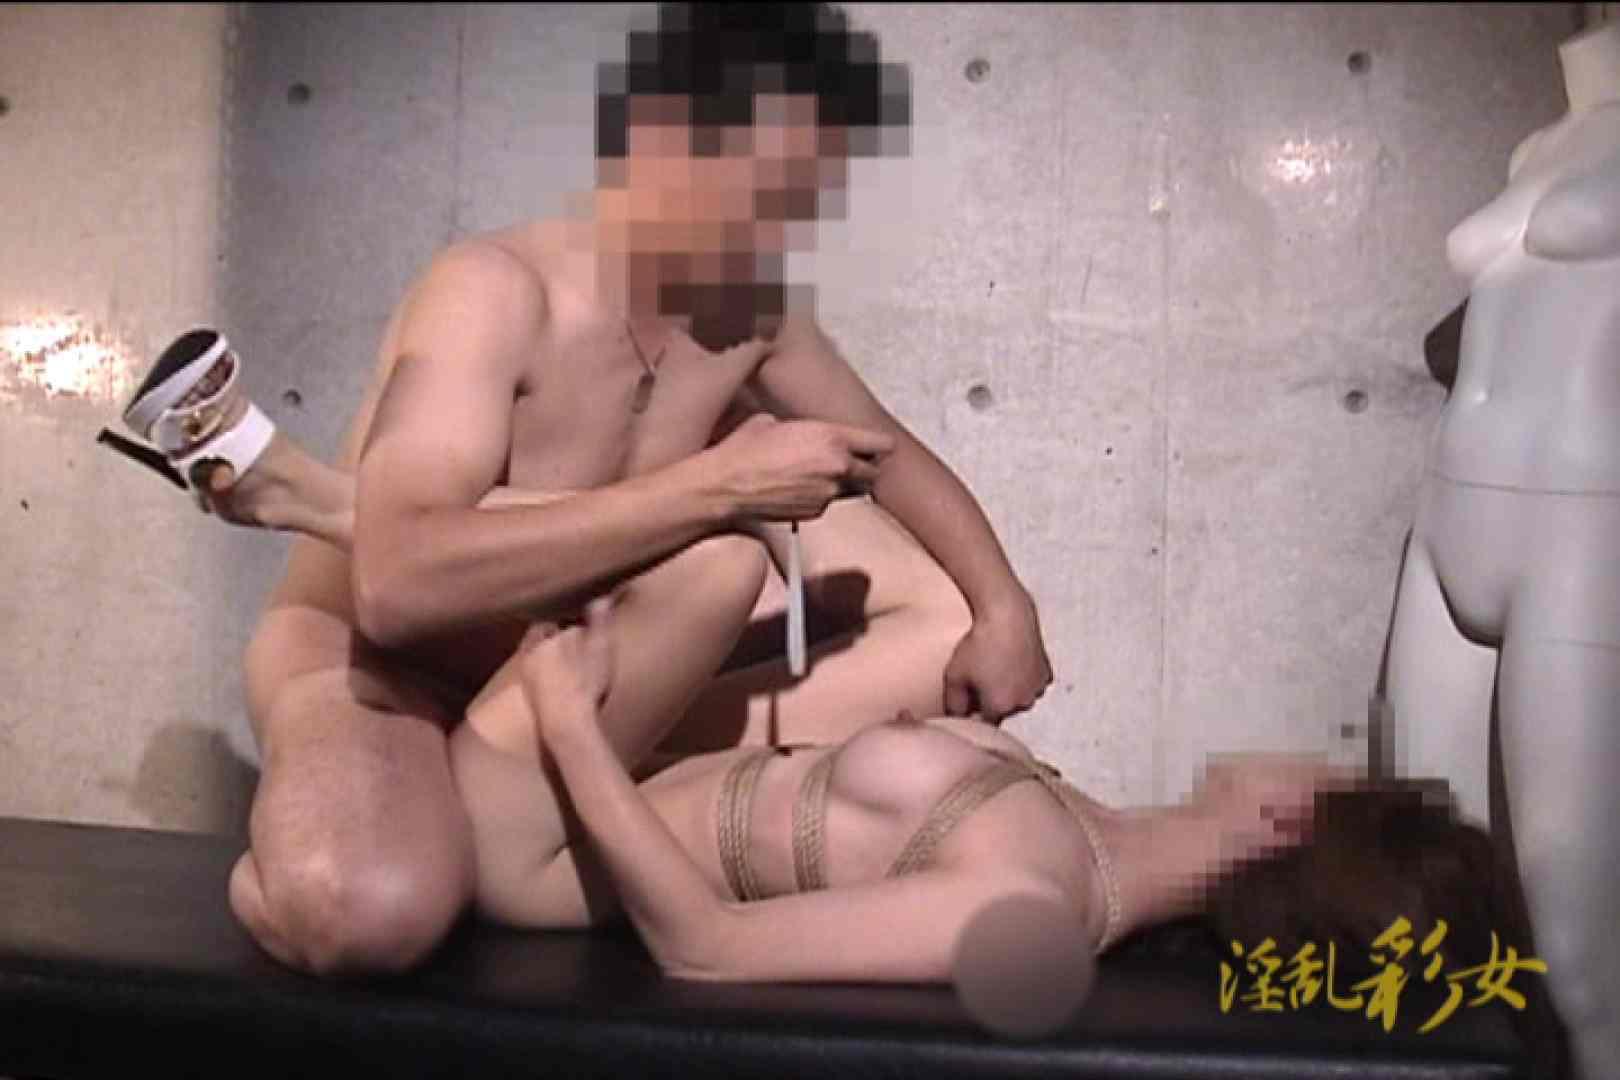 淫乱彩女 麻優里 スタジオで撮影 人妻のエロ生活   淫乱  106連発 81